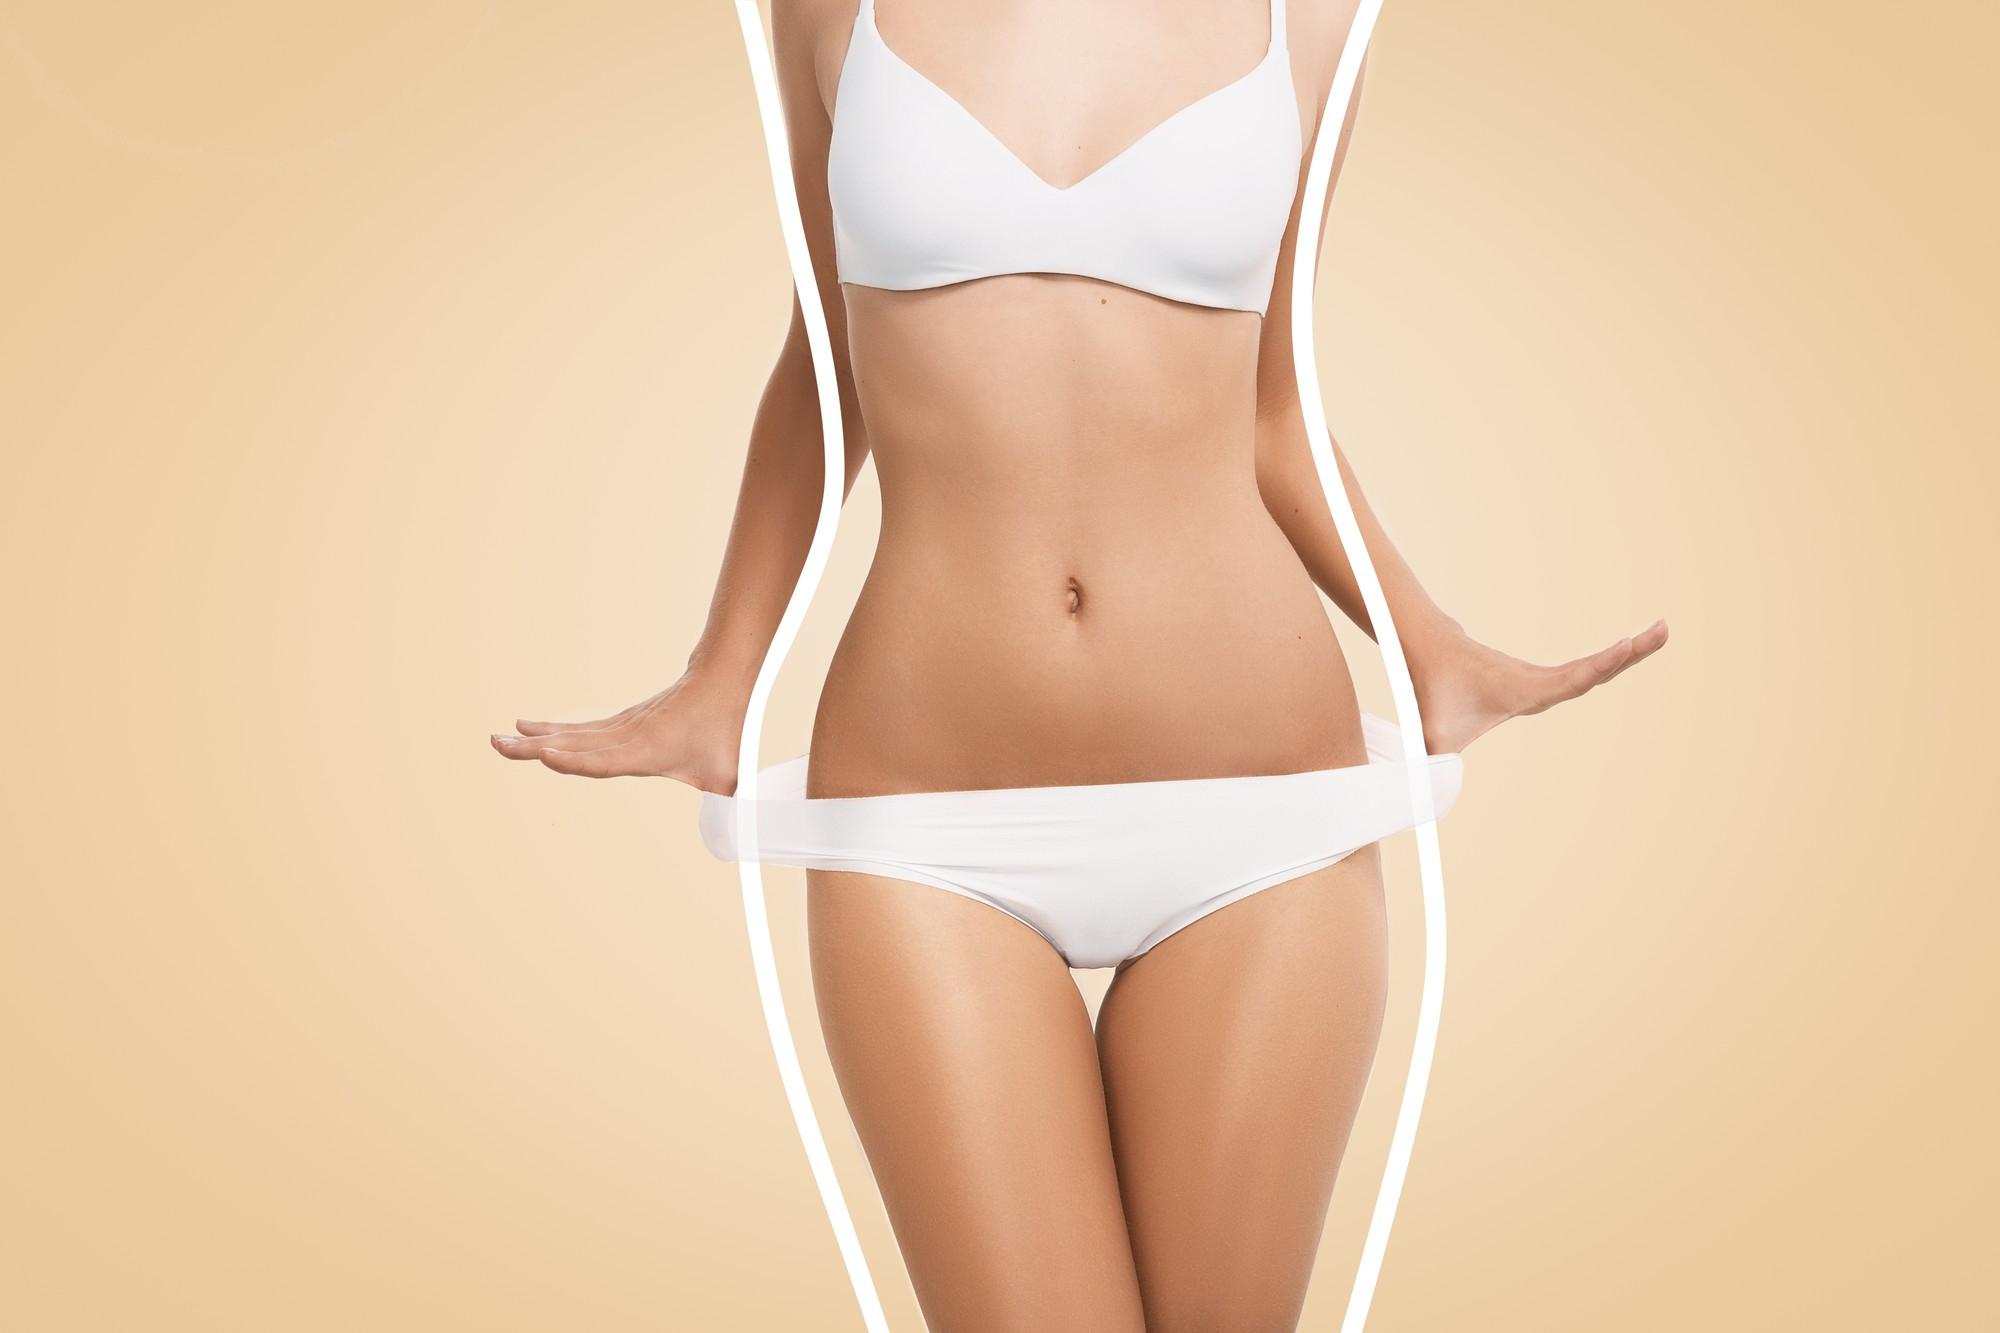 Liposucción: 10 preguntas frecuentes que debes conocer